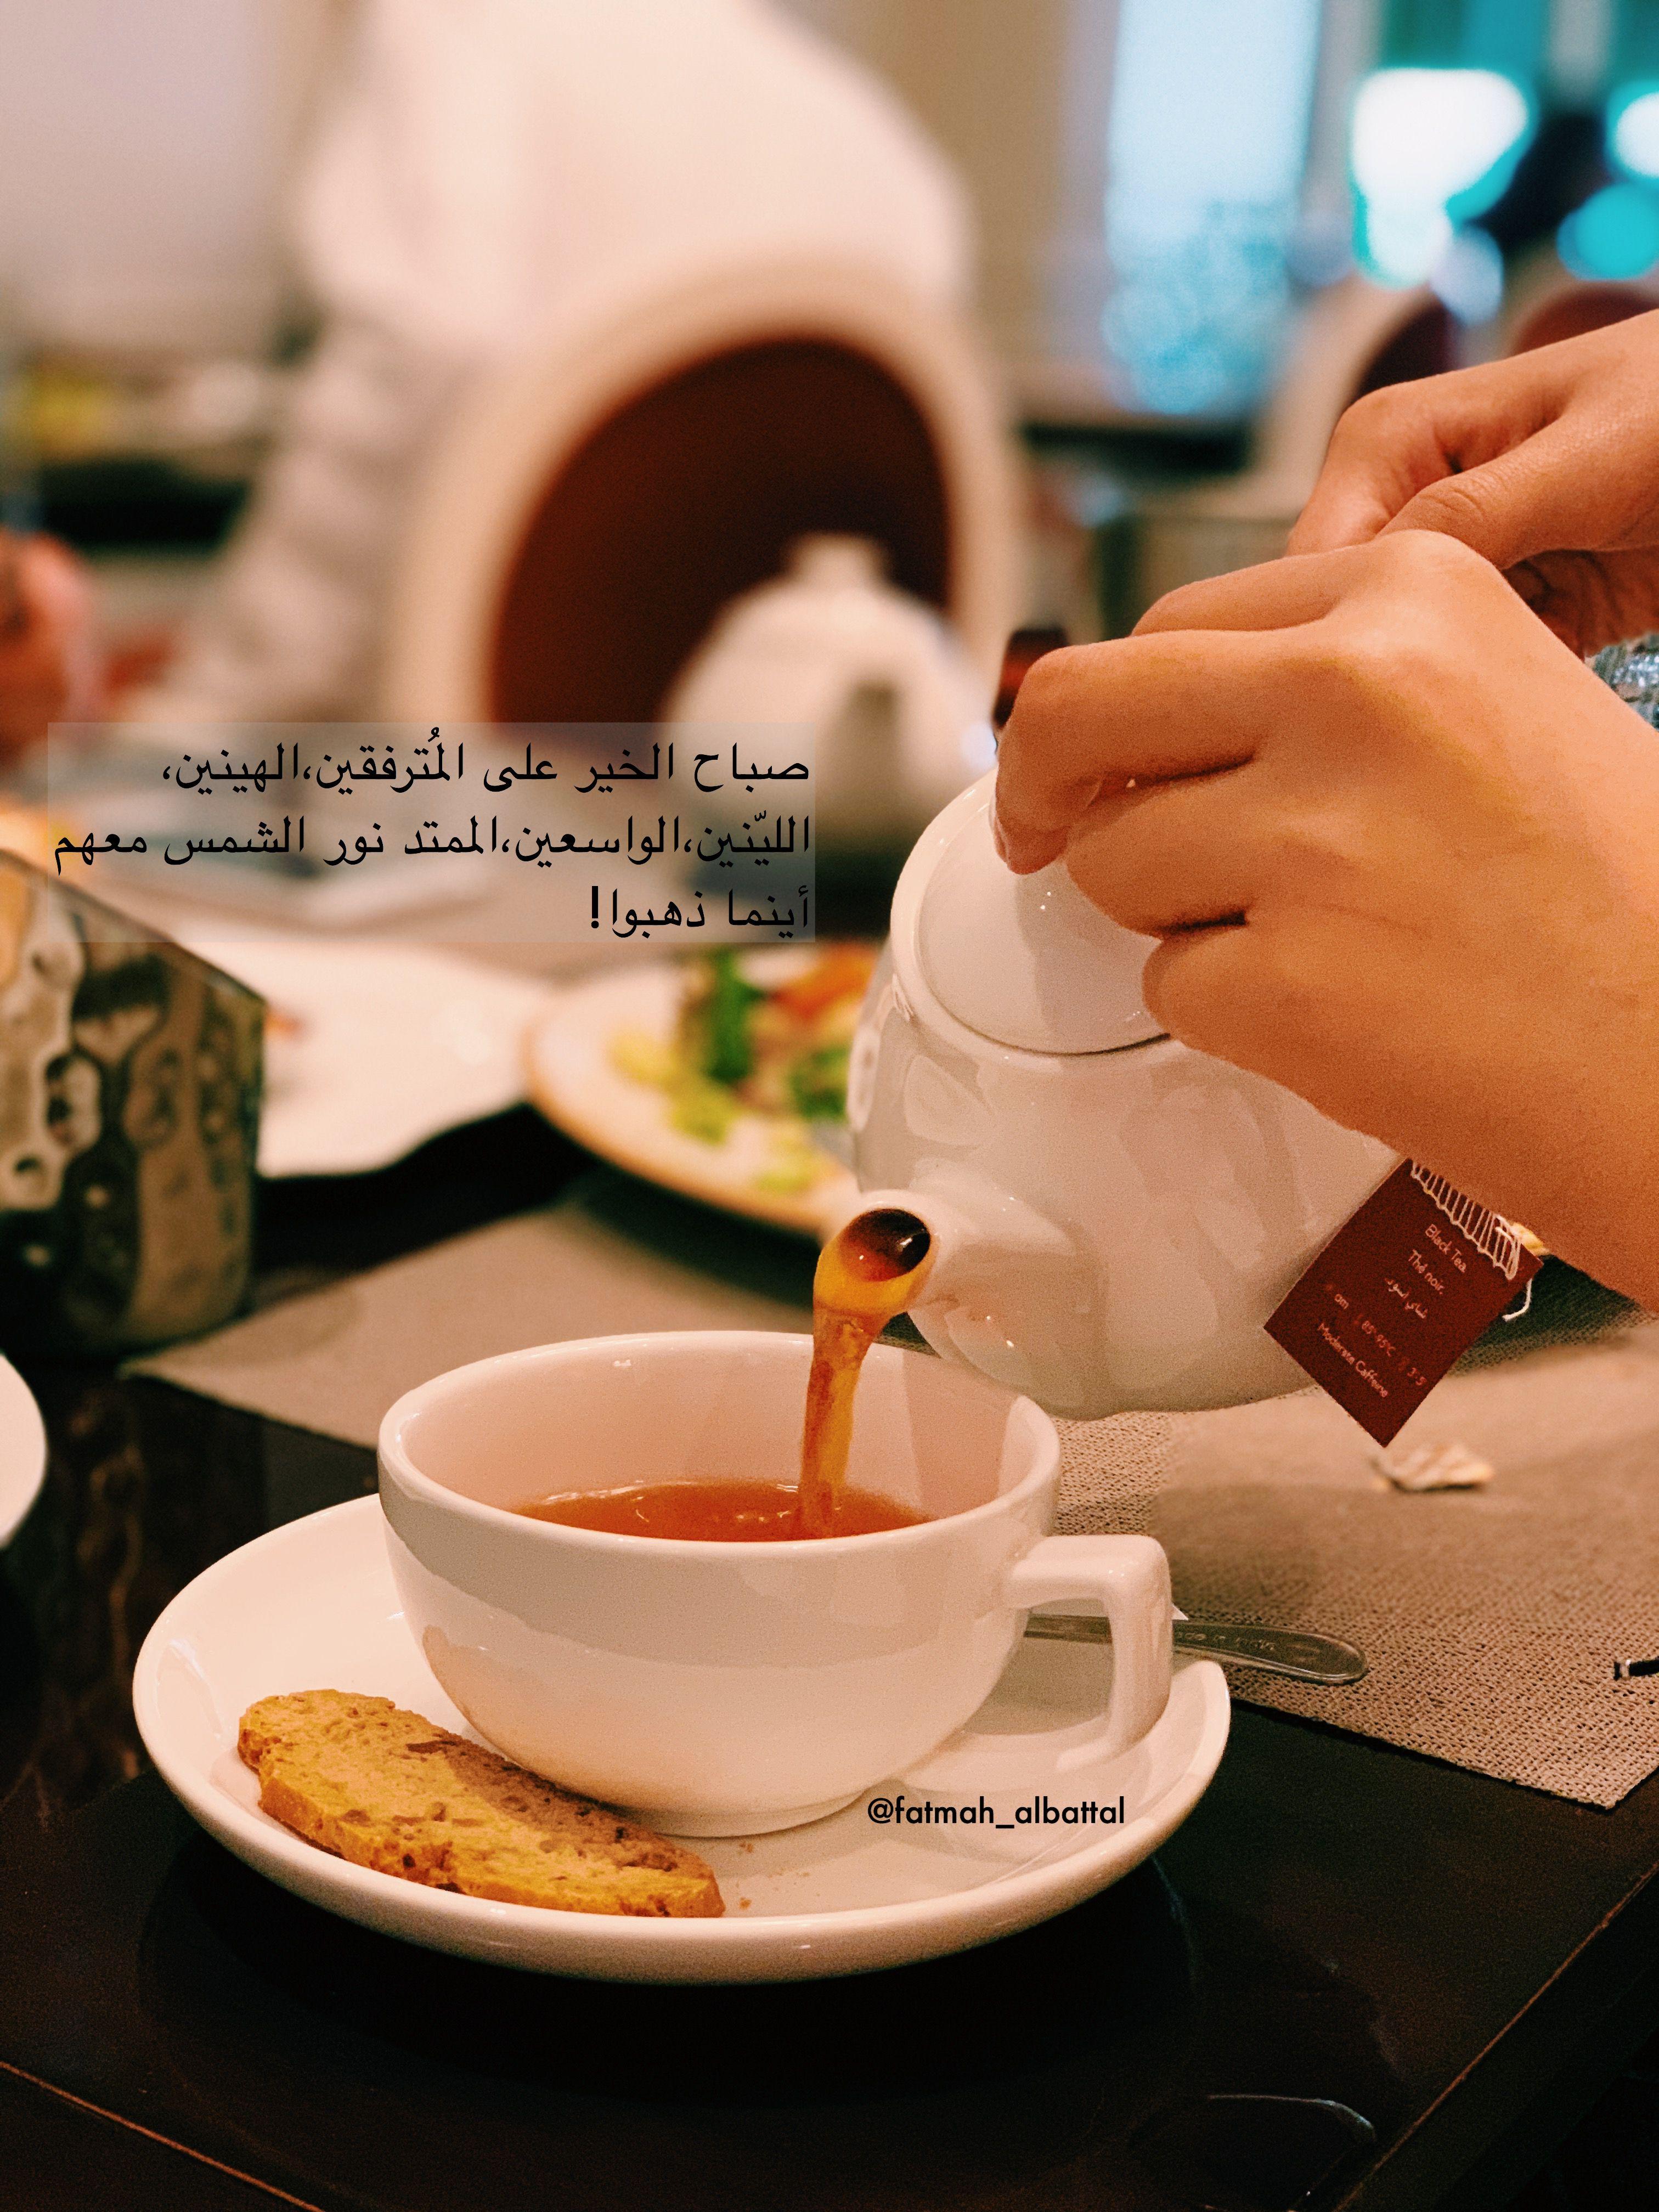 صباح الخير Good Morning Wishes Sweet Words Morning Wish